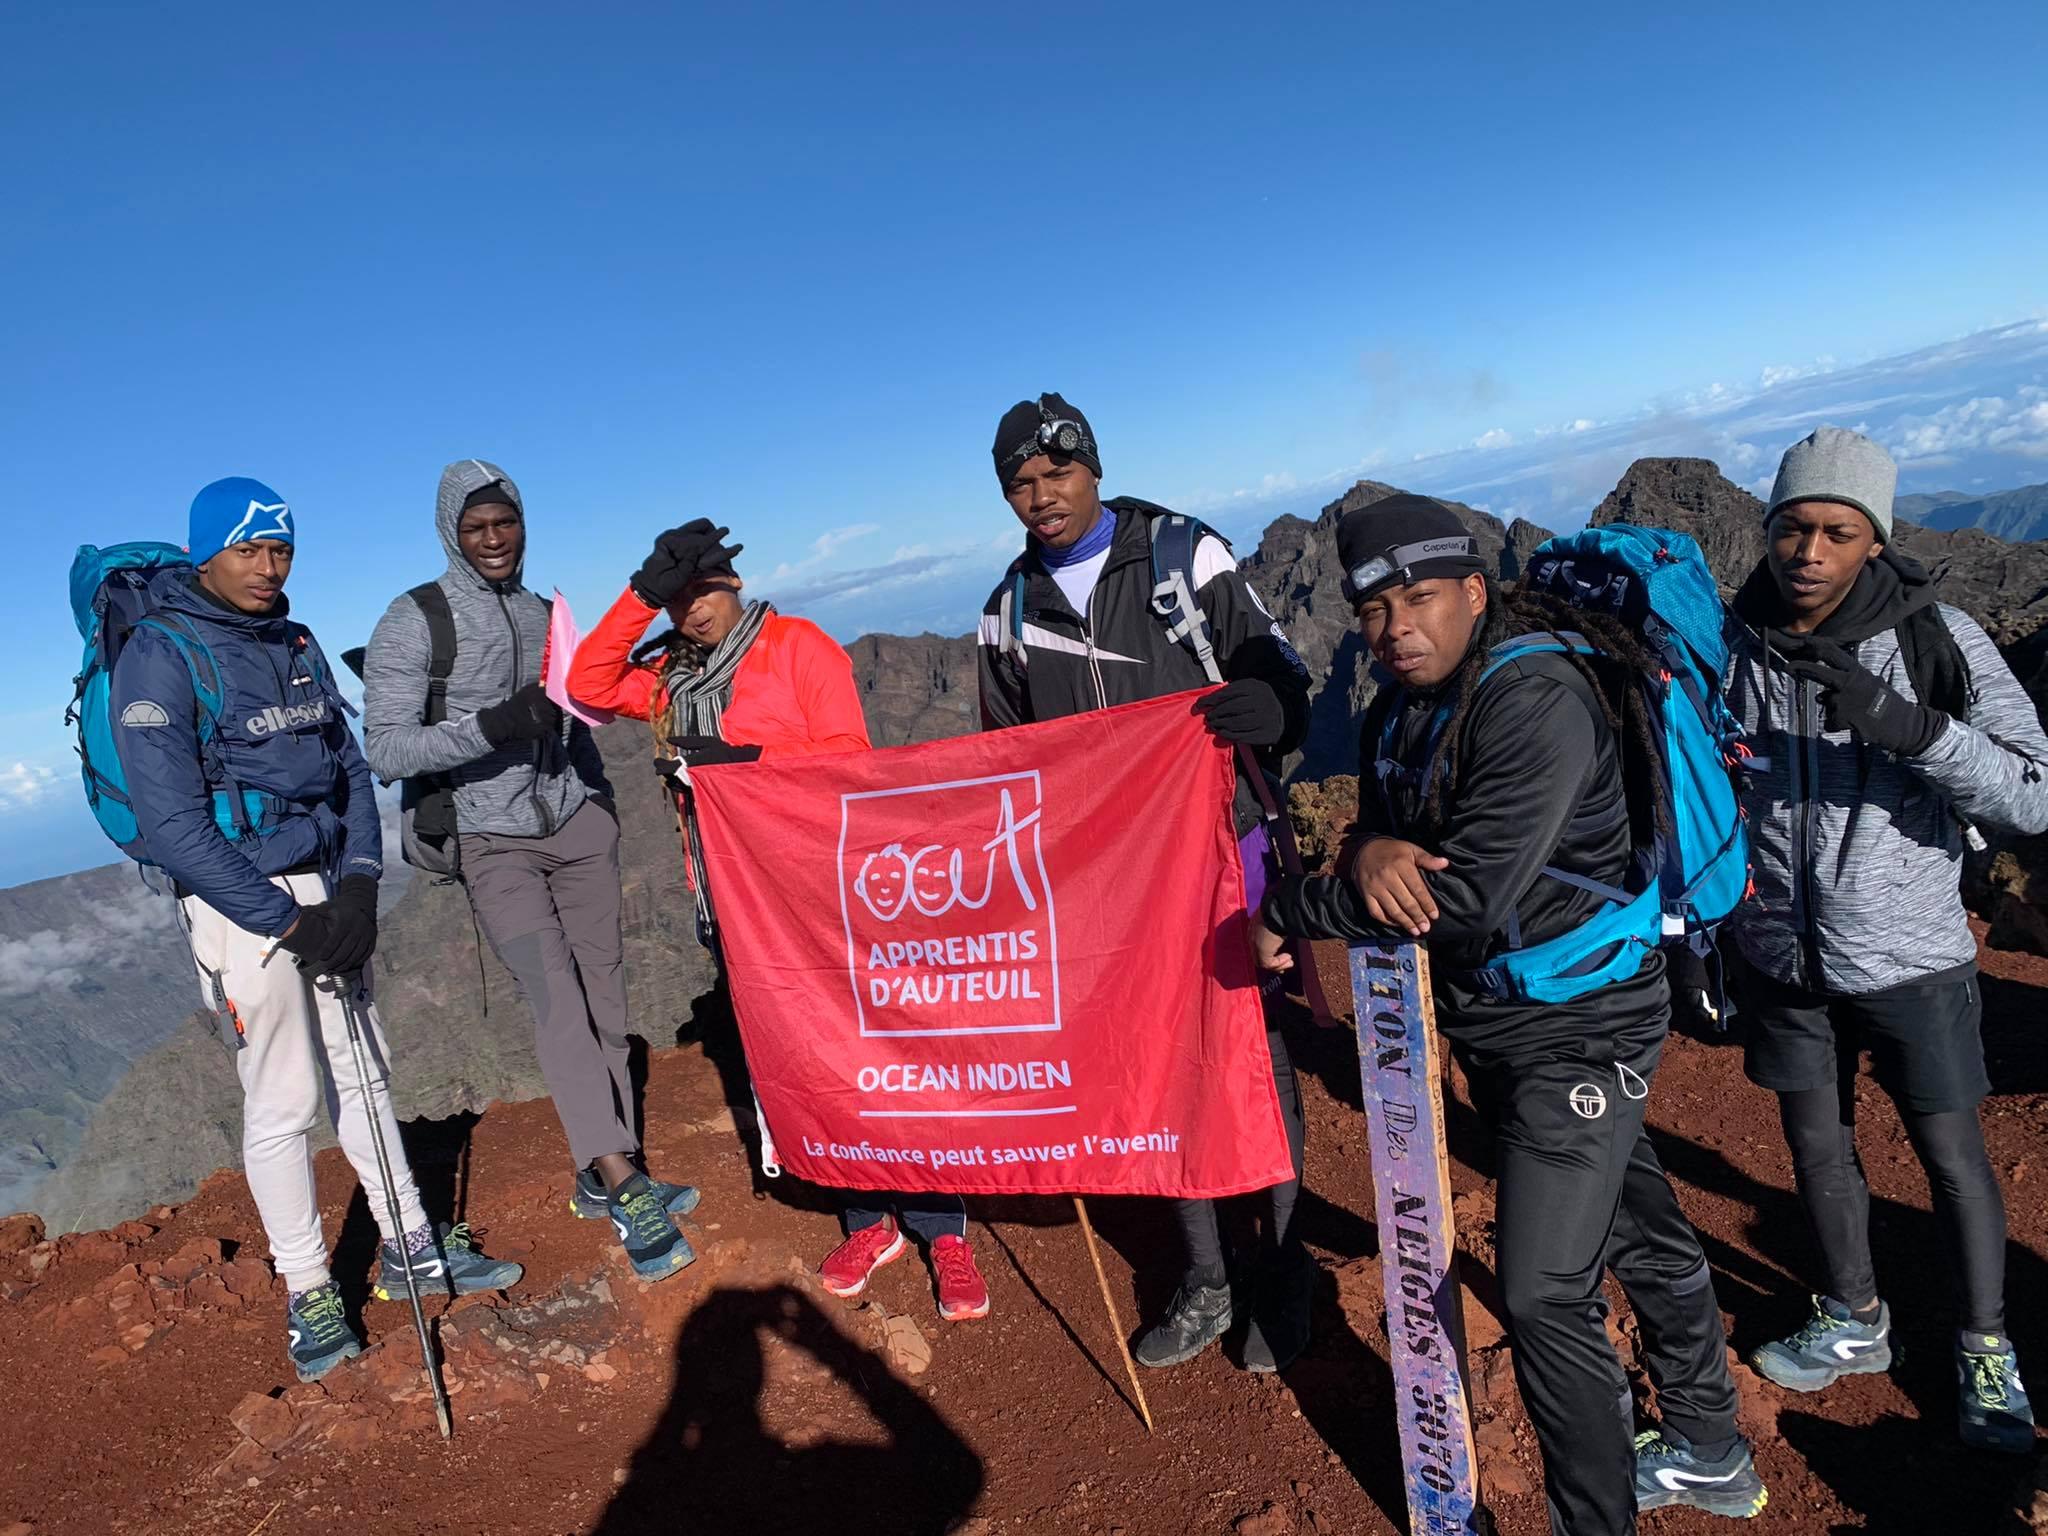 Les jeunes heureux d'être arrivés au sommet